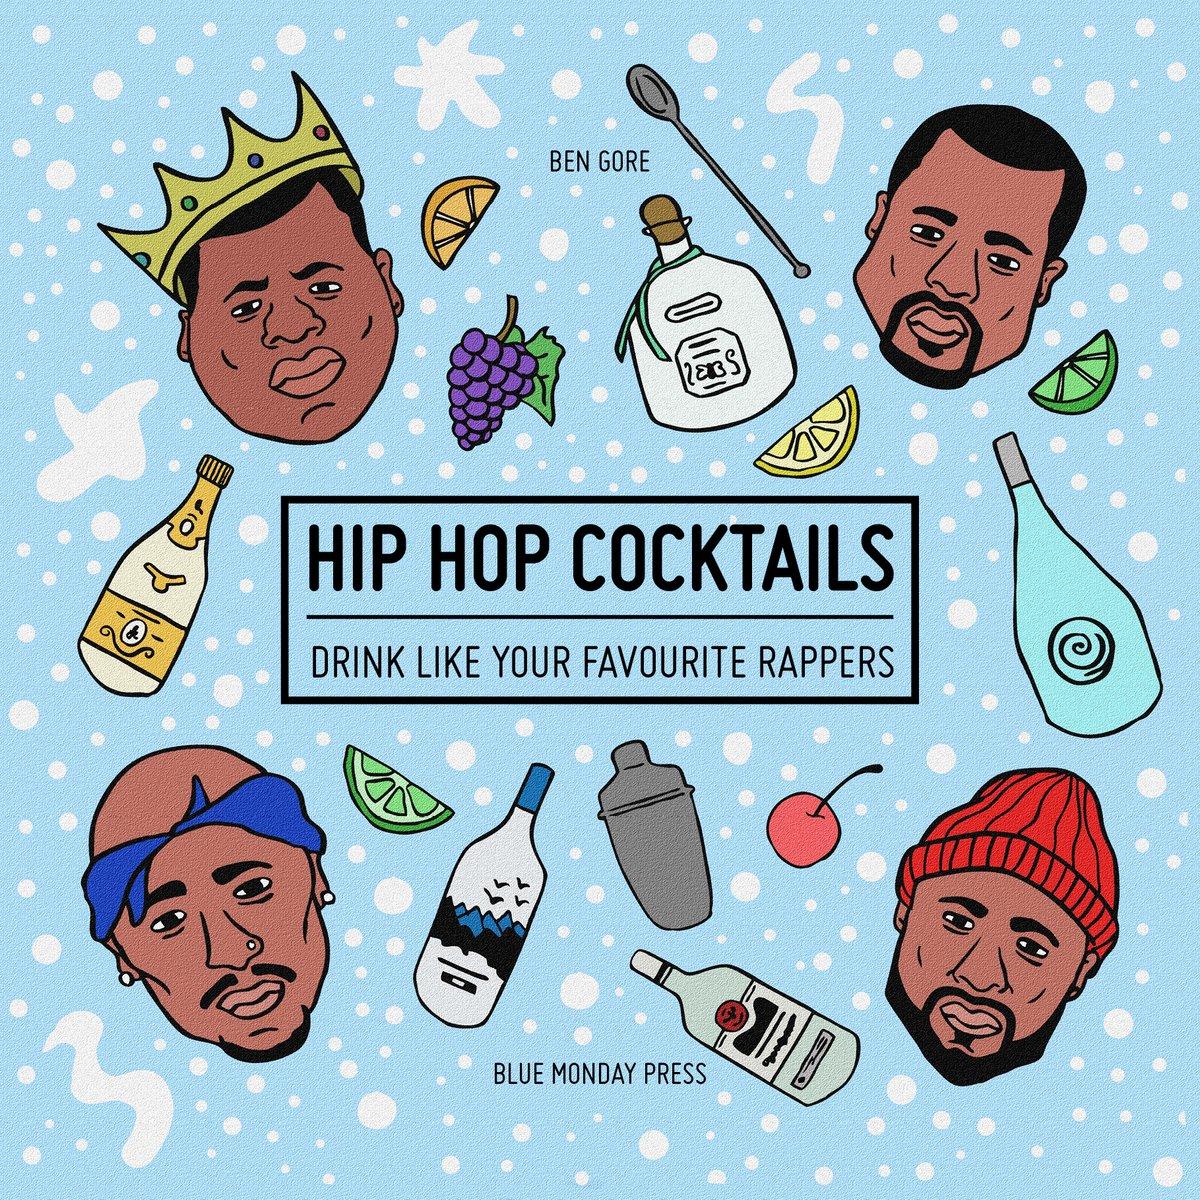 Image of Hip Hop Cocktails